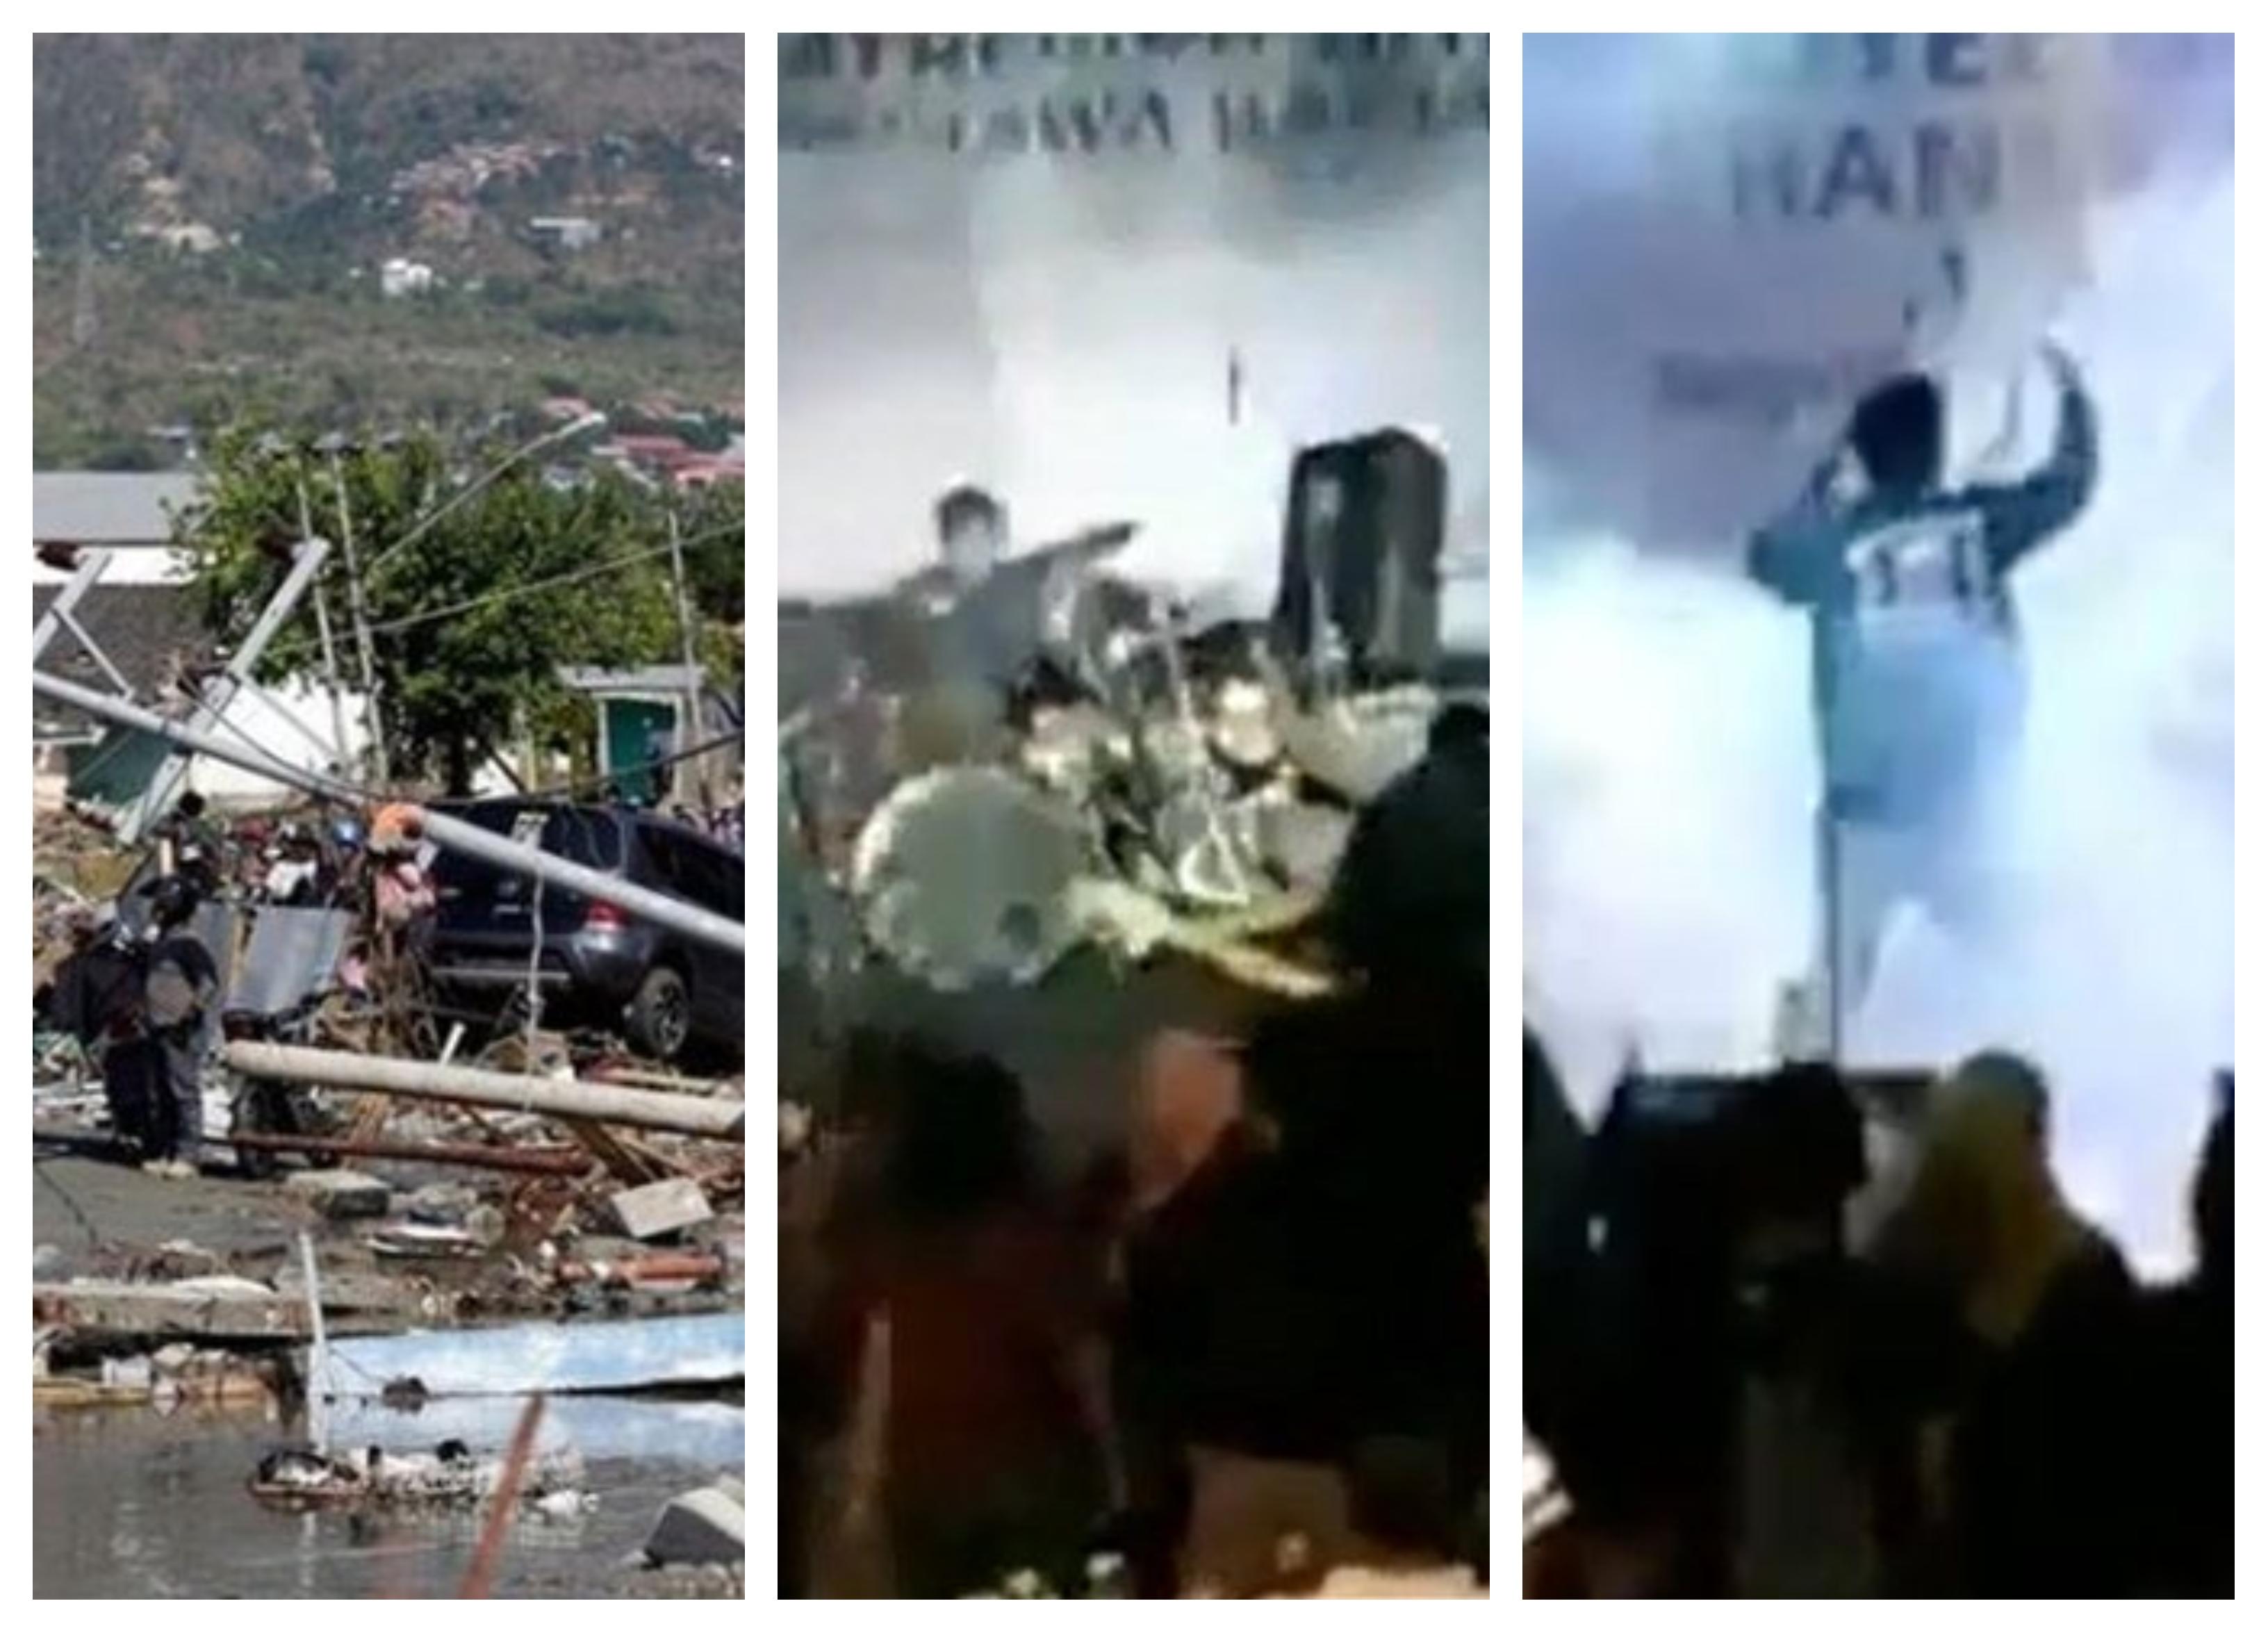 بالفيديو/ تسونامي قاتل ضرب اندونيسيا مخلفا 62 قتيلا وفيديو مرعب يظهر لحظة ابتلاع حفل موسيقي بأكمله بالأمواج الضخمة